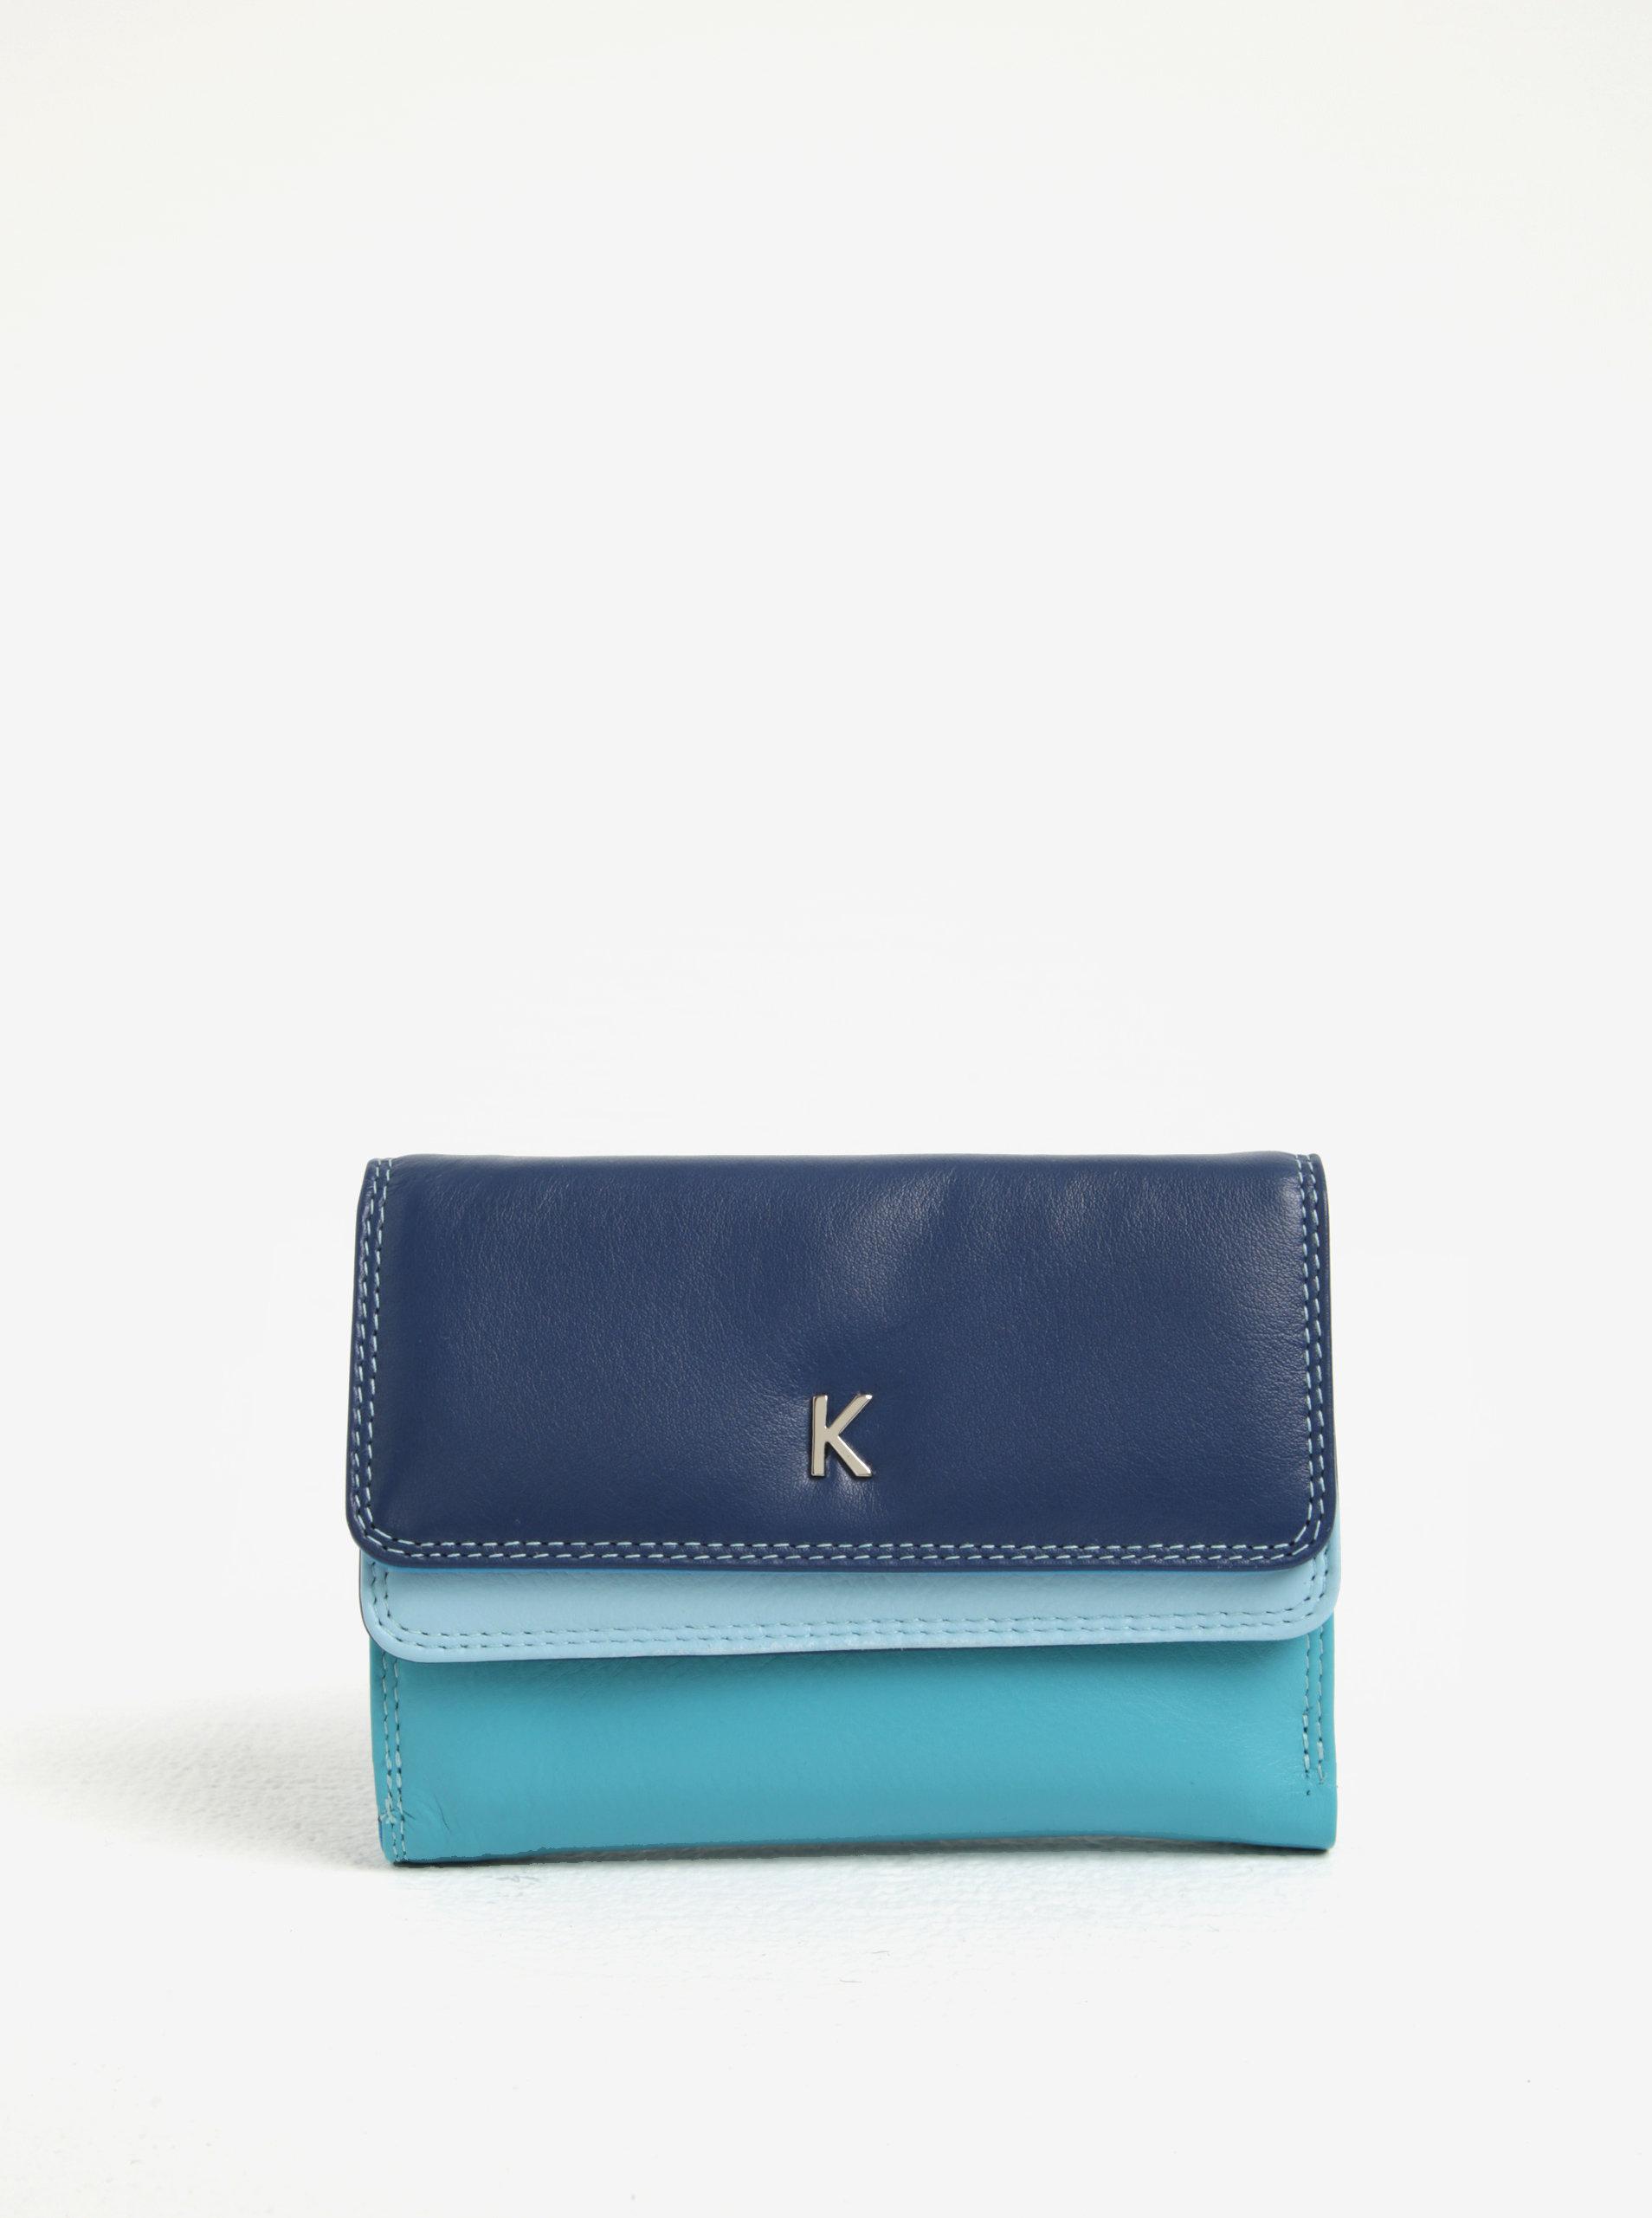 3e26587d8e04 Modrá dámska kožená peňaženka KARA ...